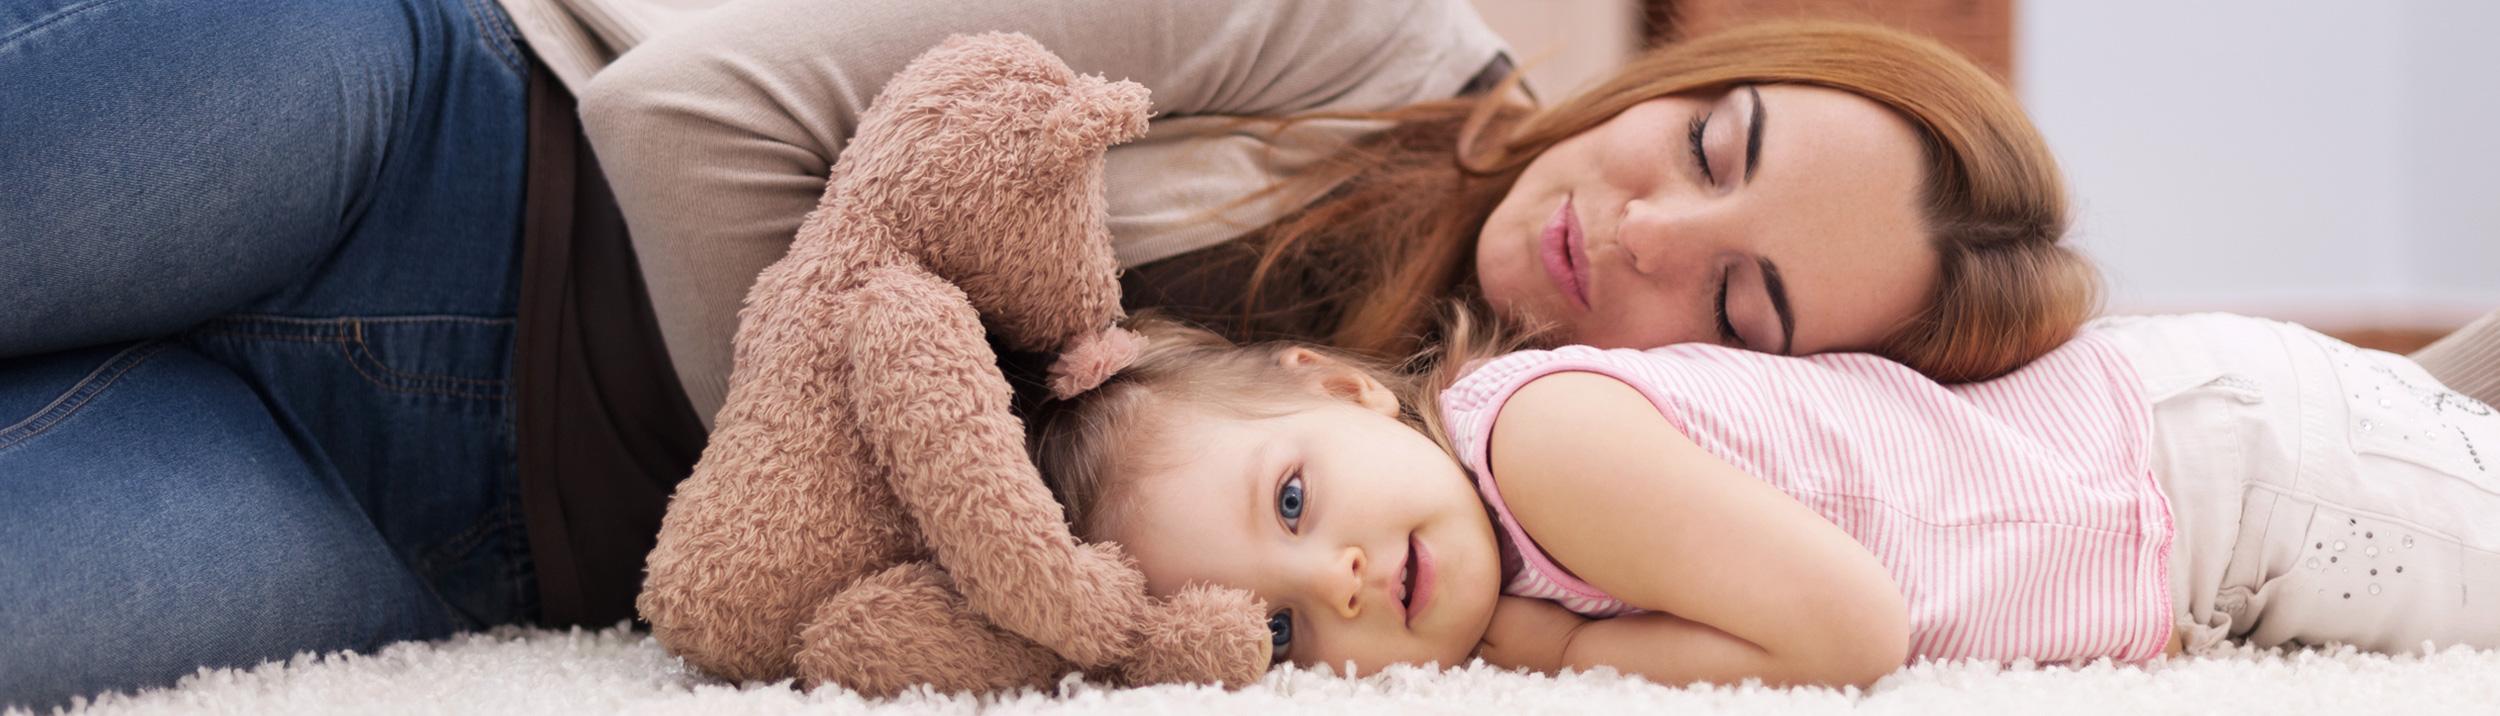 Mutter mit kleiner Tochter auf dem Teppichboden am entspannen. Fussbodenheizungen machen Ihren Fussboden kuschelig.